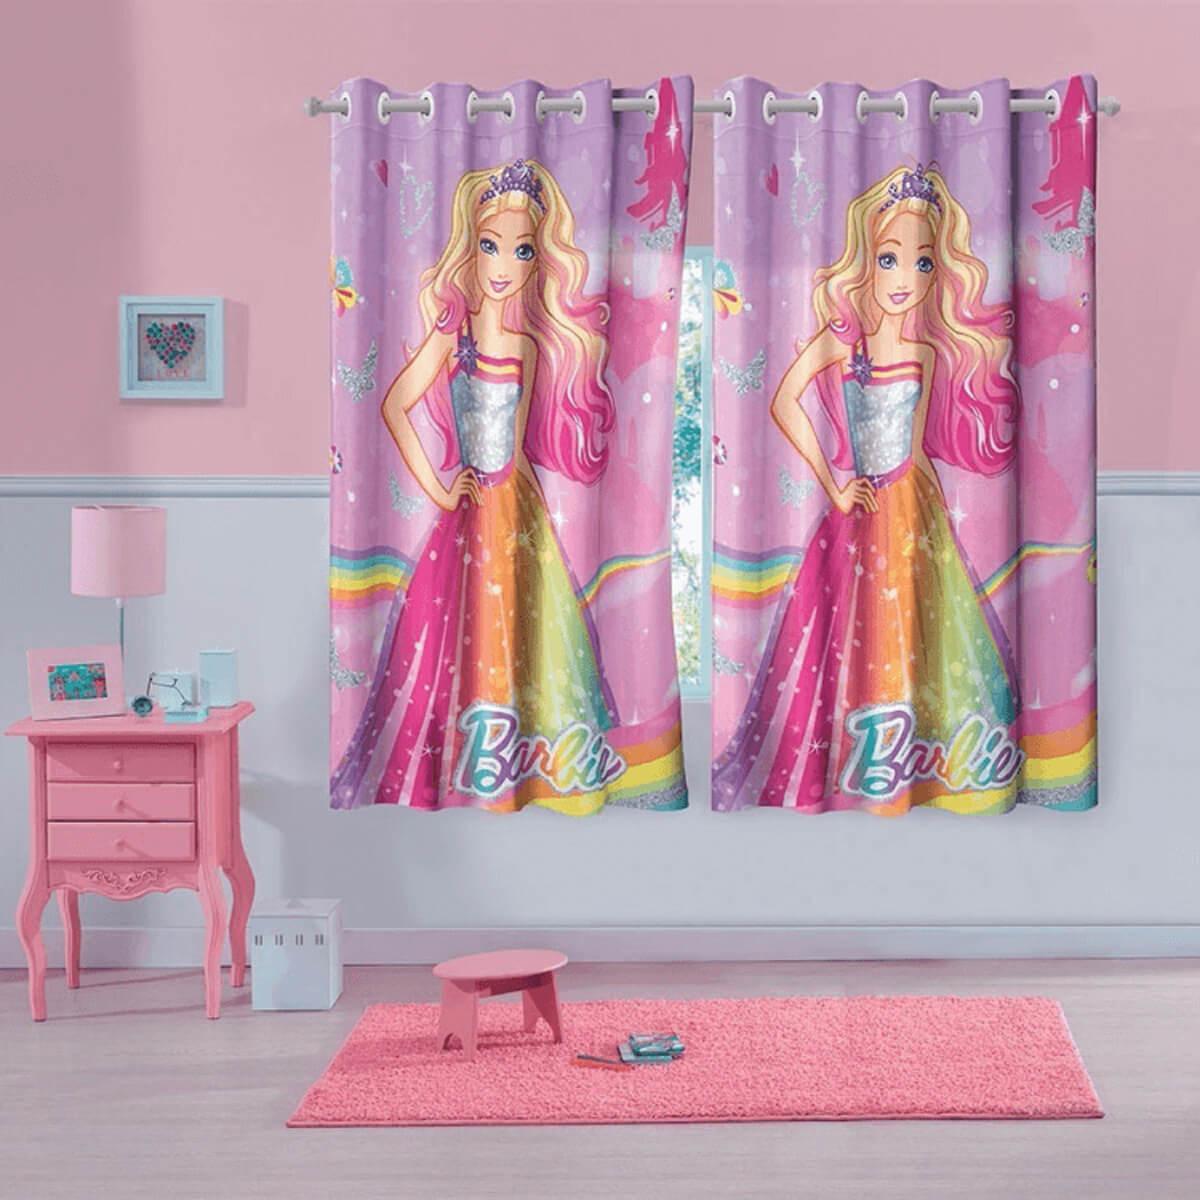 Cortina de Varão Infantil 3,00x1,80m Barbie Reinos Mágicos